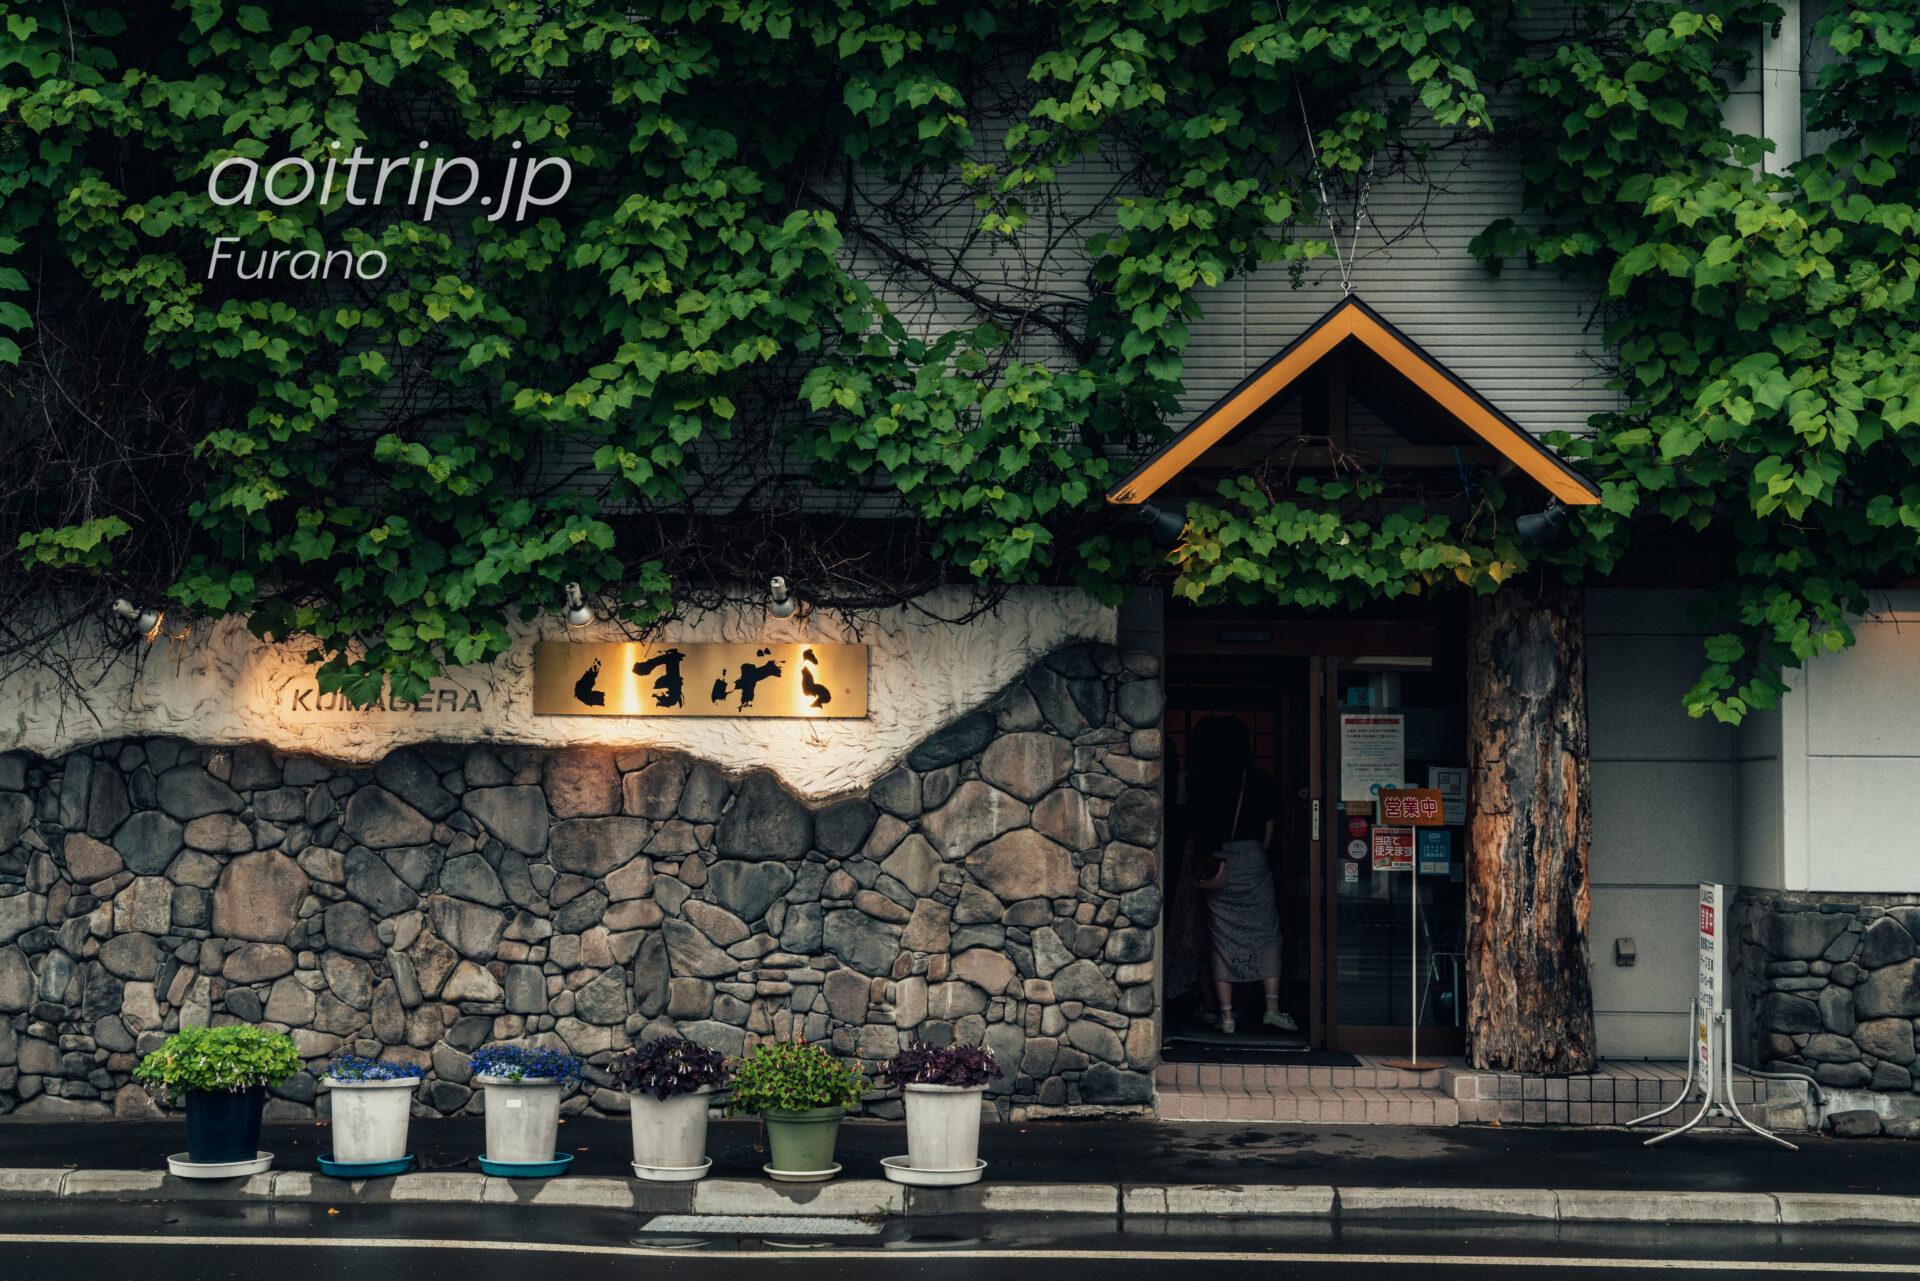 くまげらの外観 富良野の郷土料理店